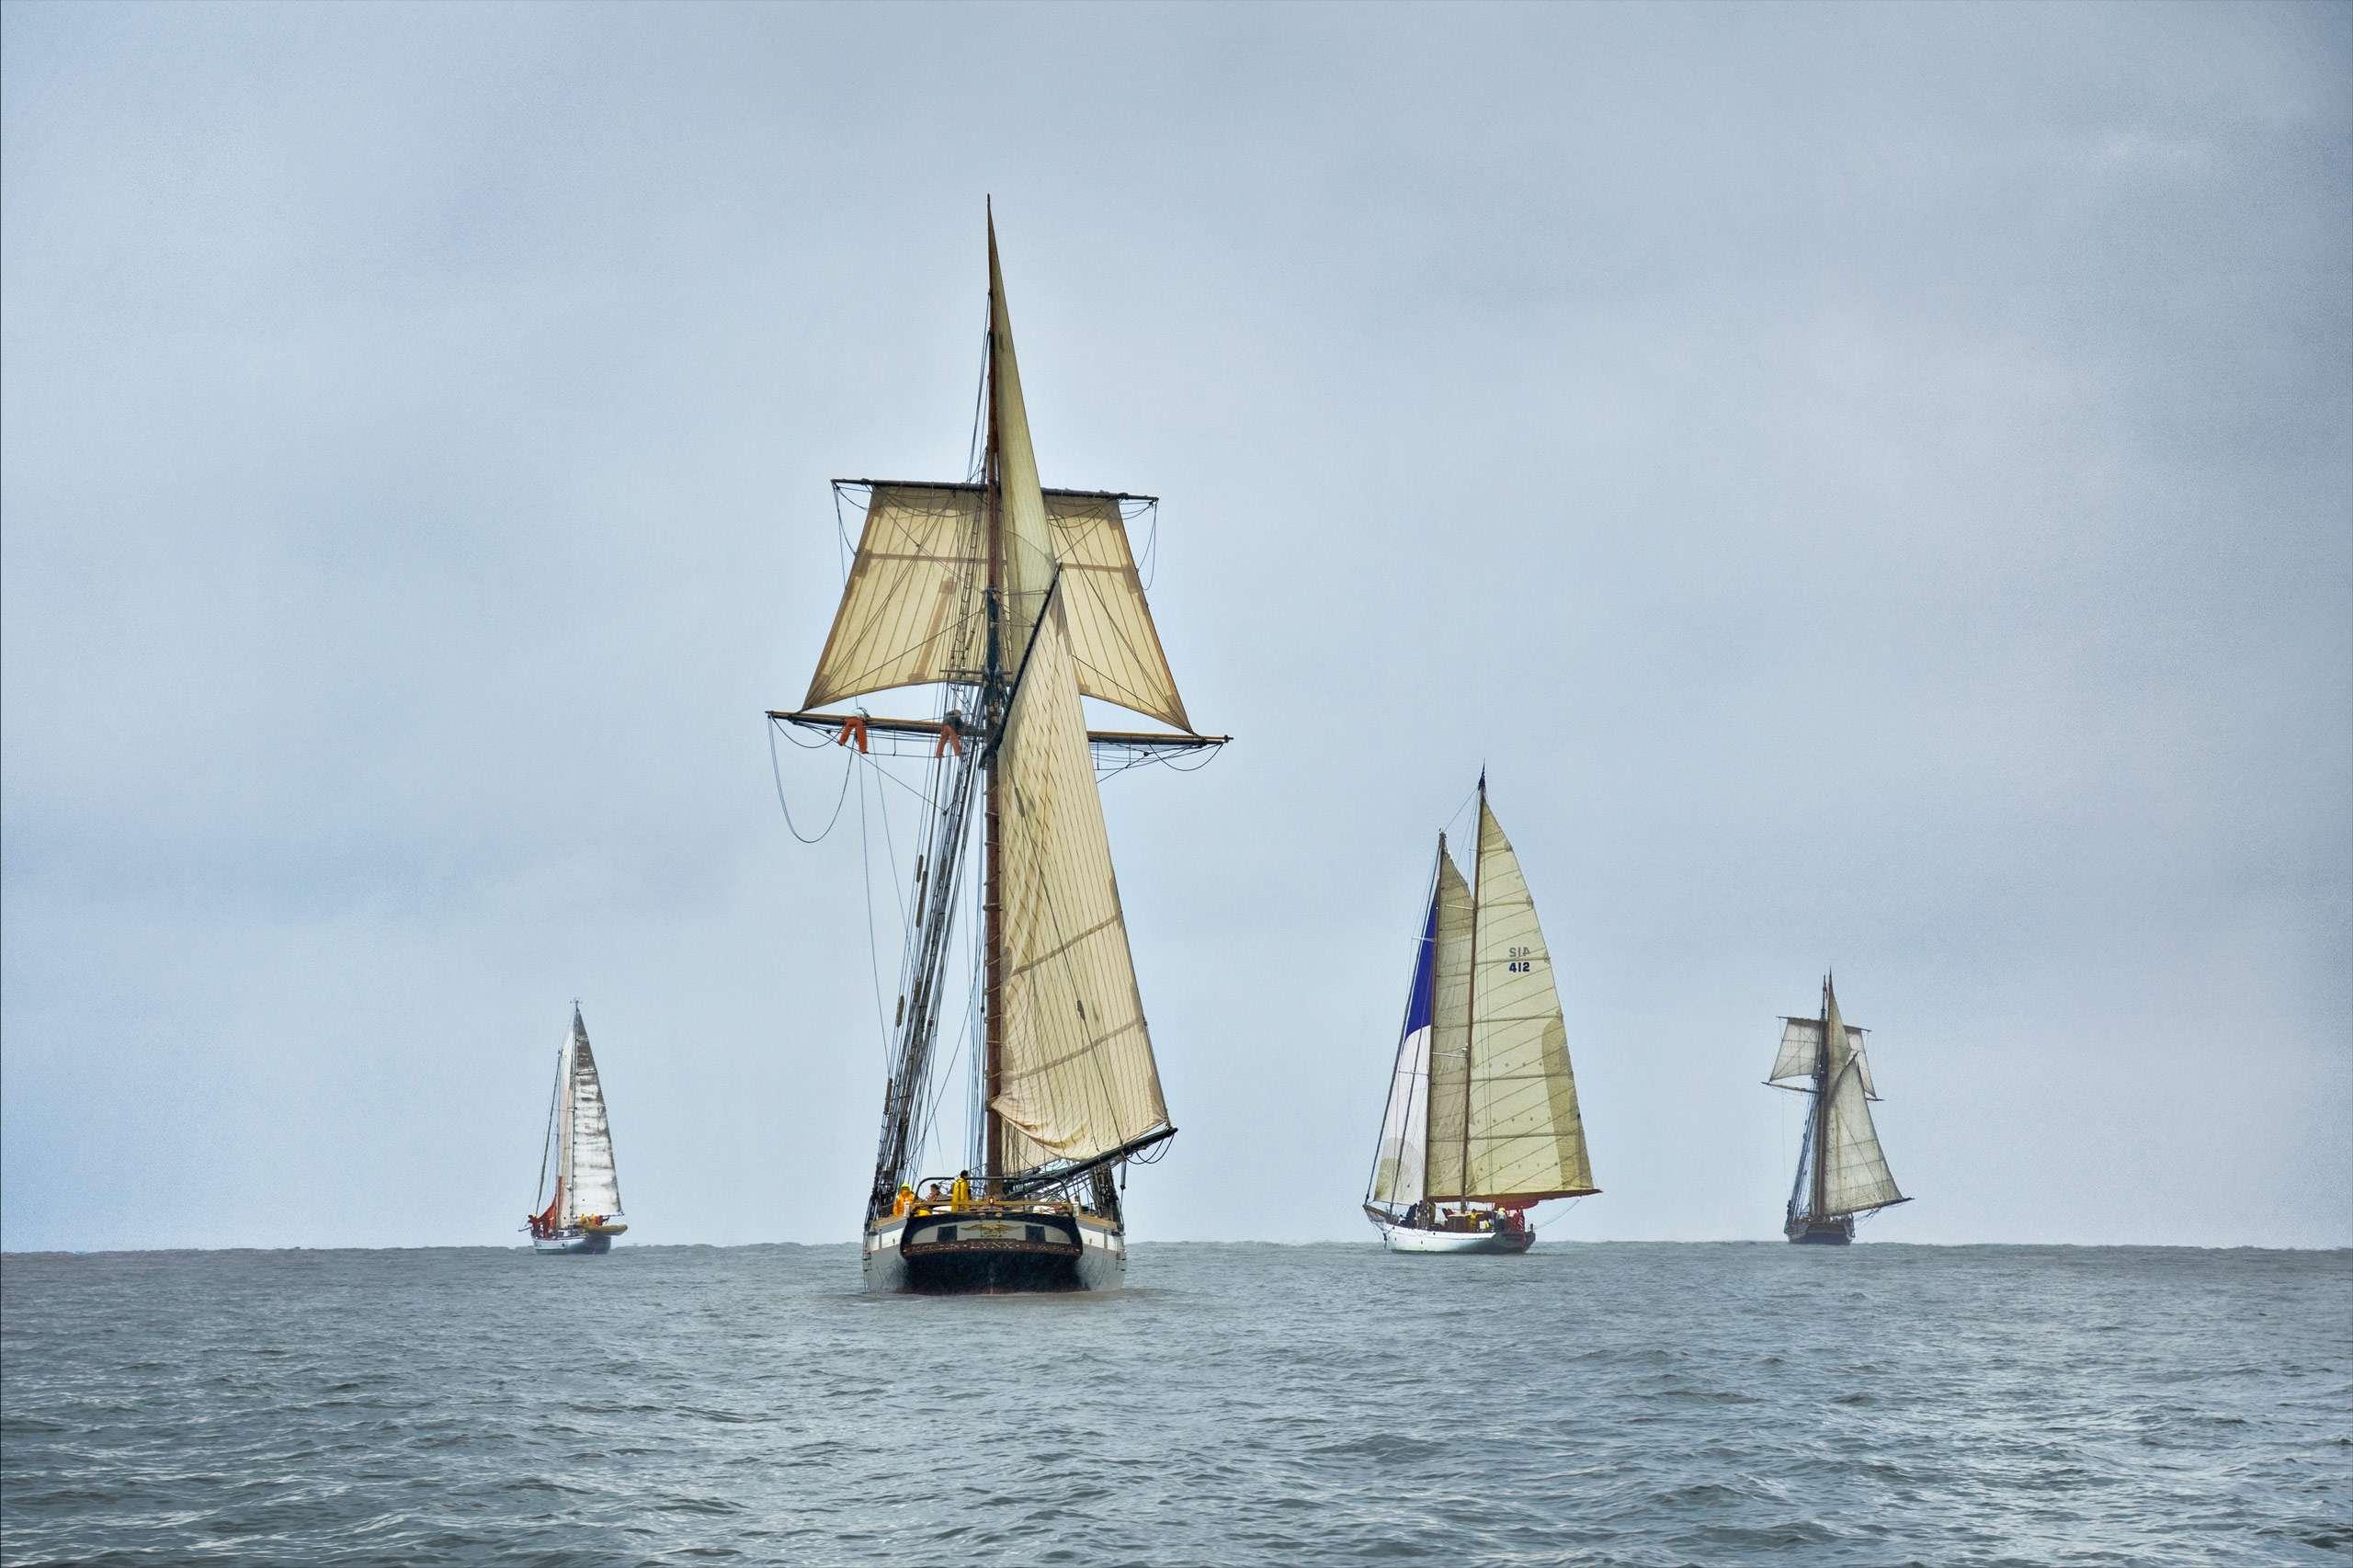 PORTFOLIO - Maritime #3 - PCG596